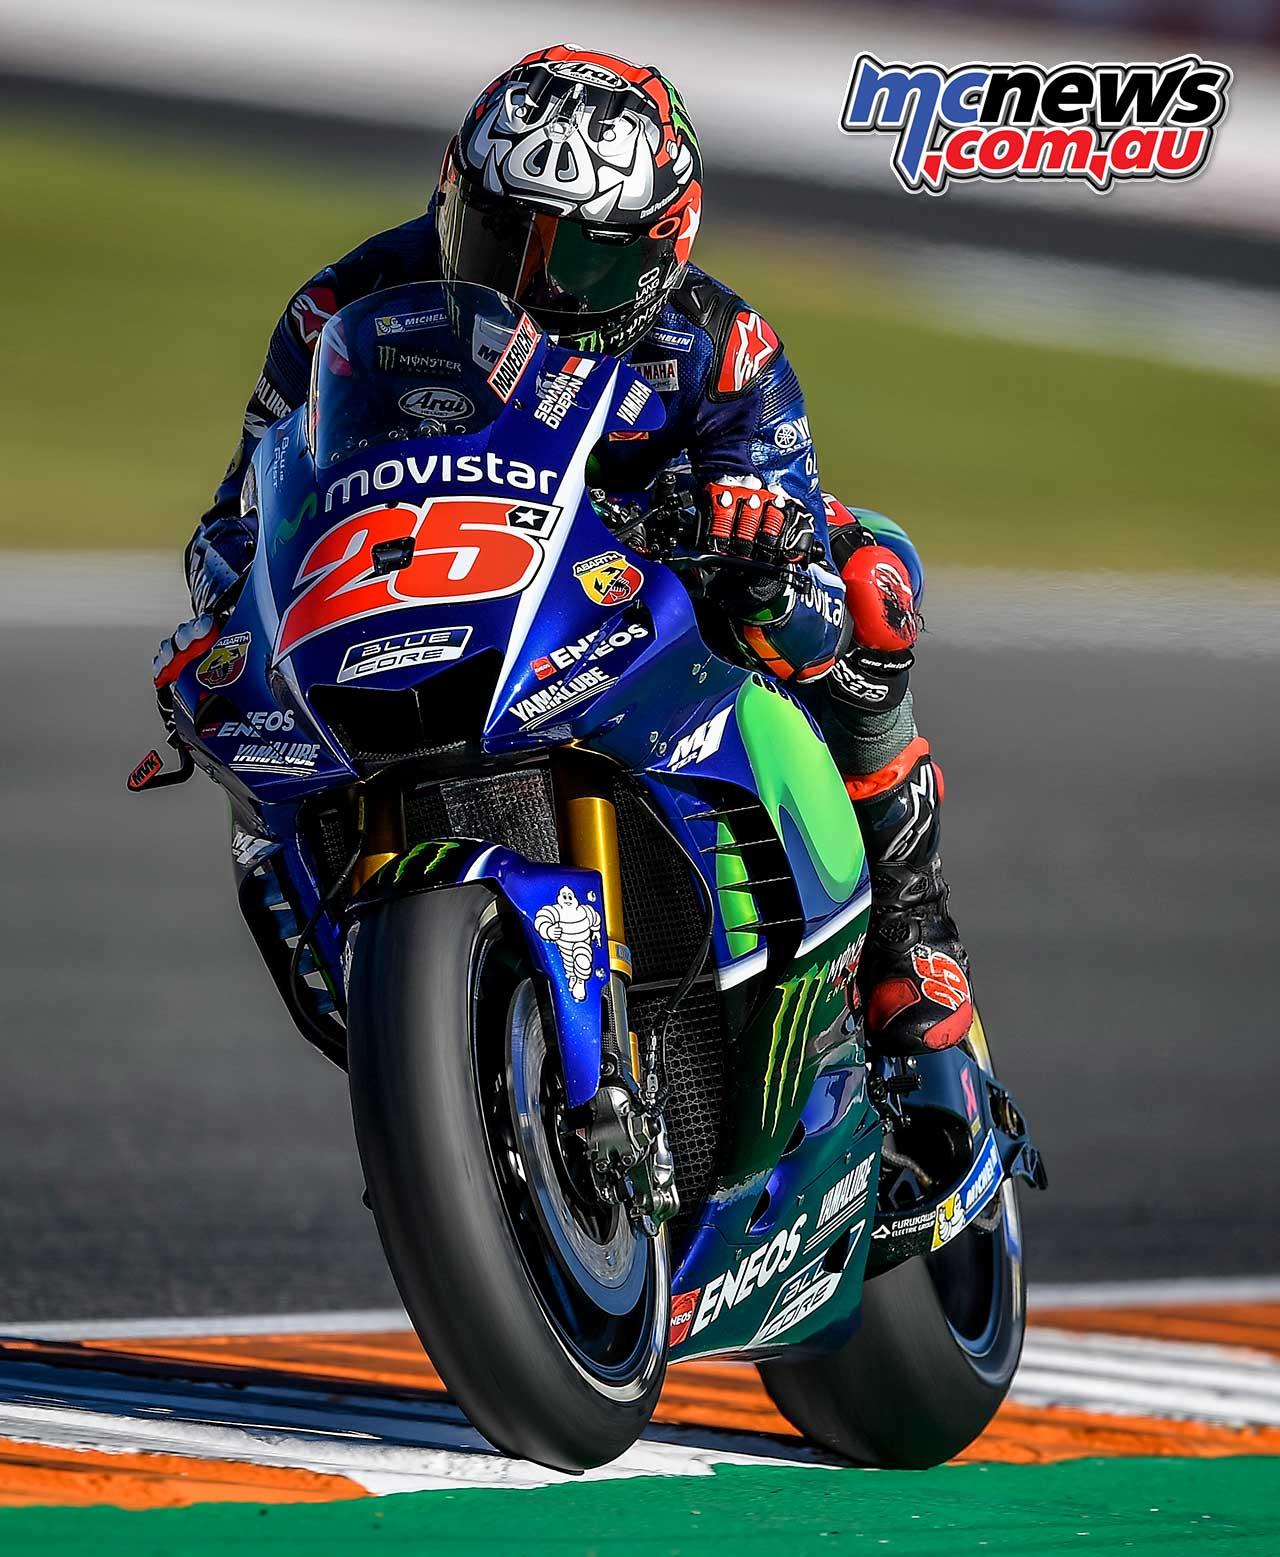 Marquez sets pole for #FinalShowdown then crashes | MCNews.com.au